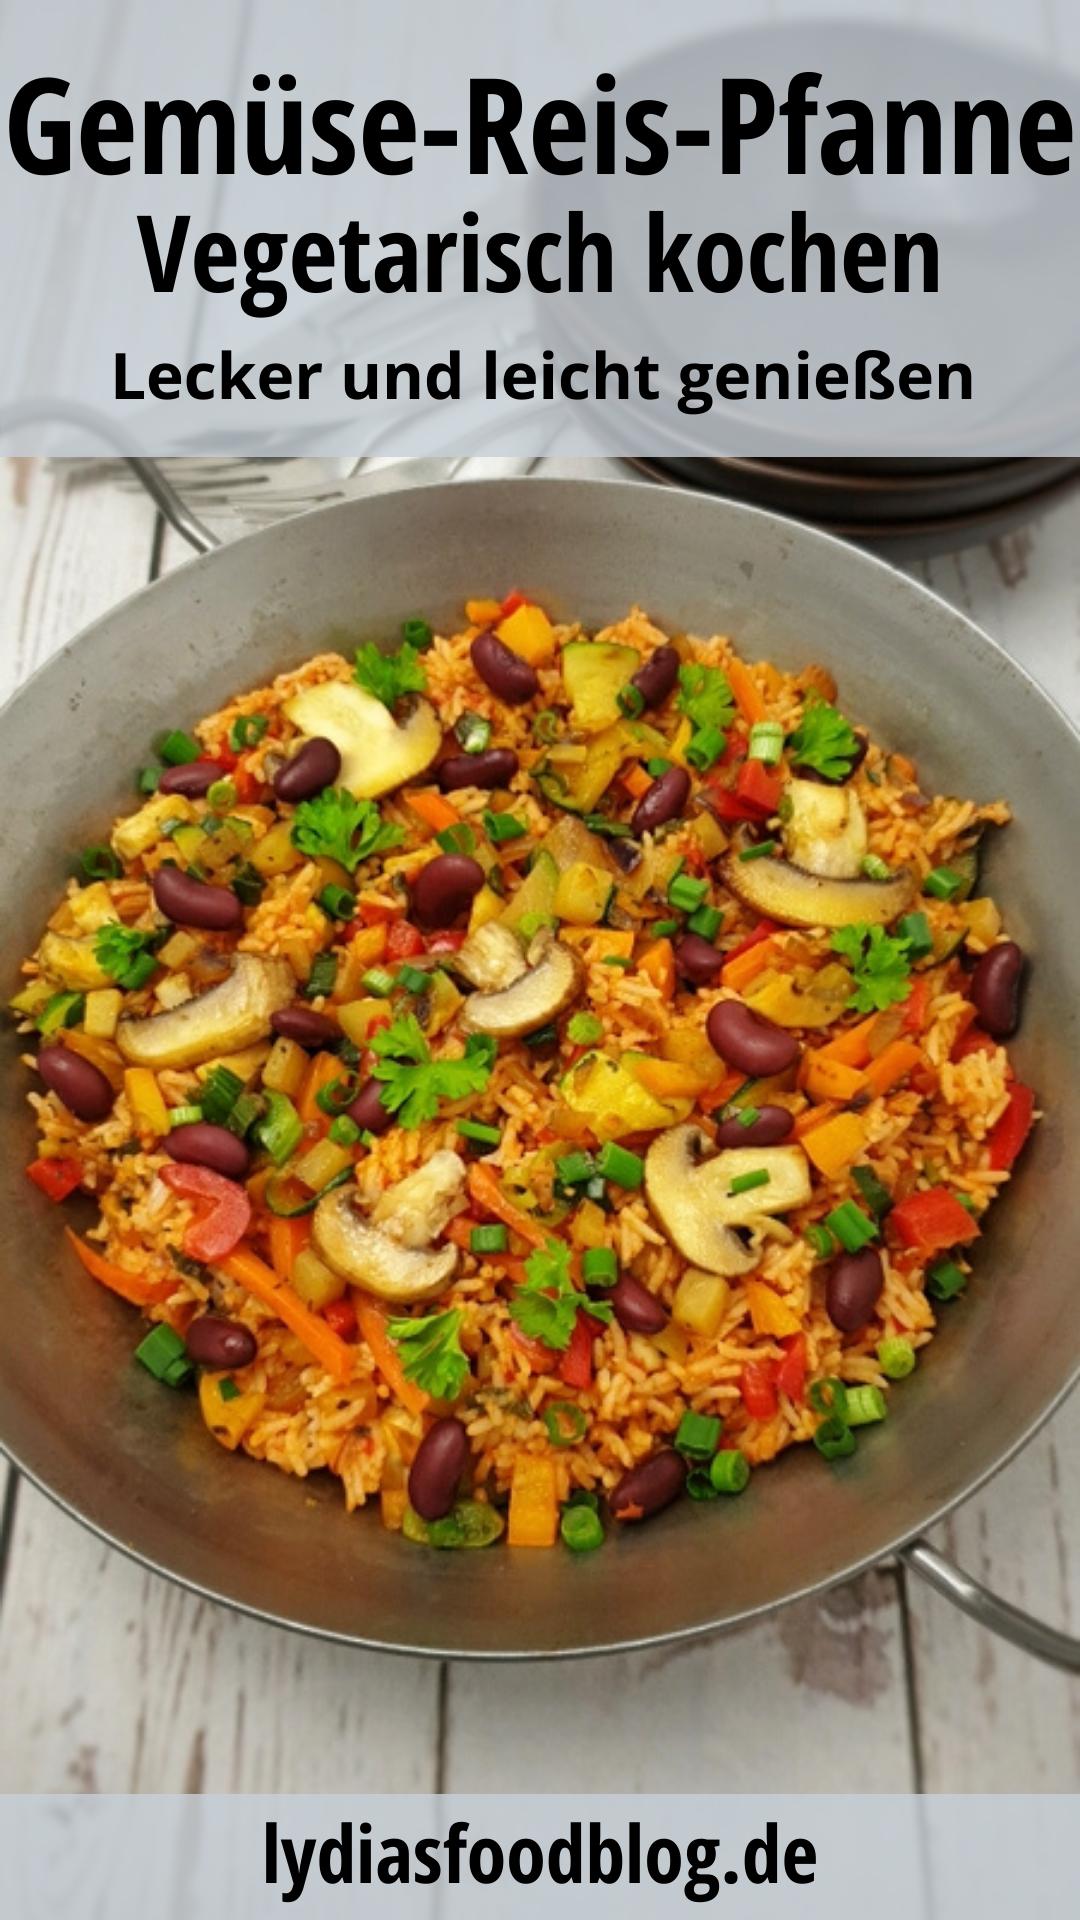 Diese Gemüse-Reis-Pfanne ist super einfach, schnell und lecker in nur 20 Minuten zubereitet. Ob als Beilage zu Fisch oder Fleisch, oder als veganes Mittag- oder Abendessen, mein Reisgericht passt immer. Du hast noch Reis vom Vortag übrig? Dann ist mein Rezept genau das richtige für dich! #abnehmen #kalorienarm #reispfanne #reis #leichtekueche #schnell #familienessen #kochen #rezepte #lydiasfoodblog #einfach #vegan #vegetarisch